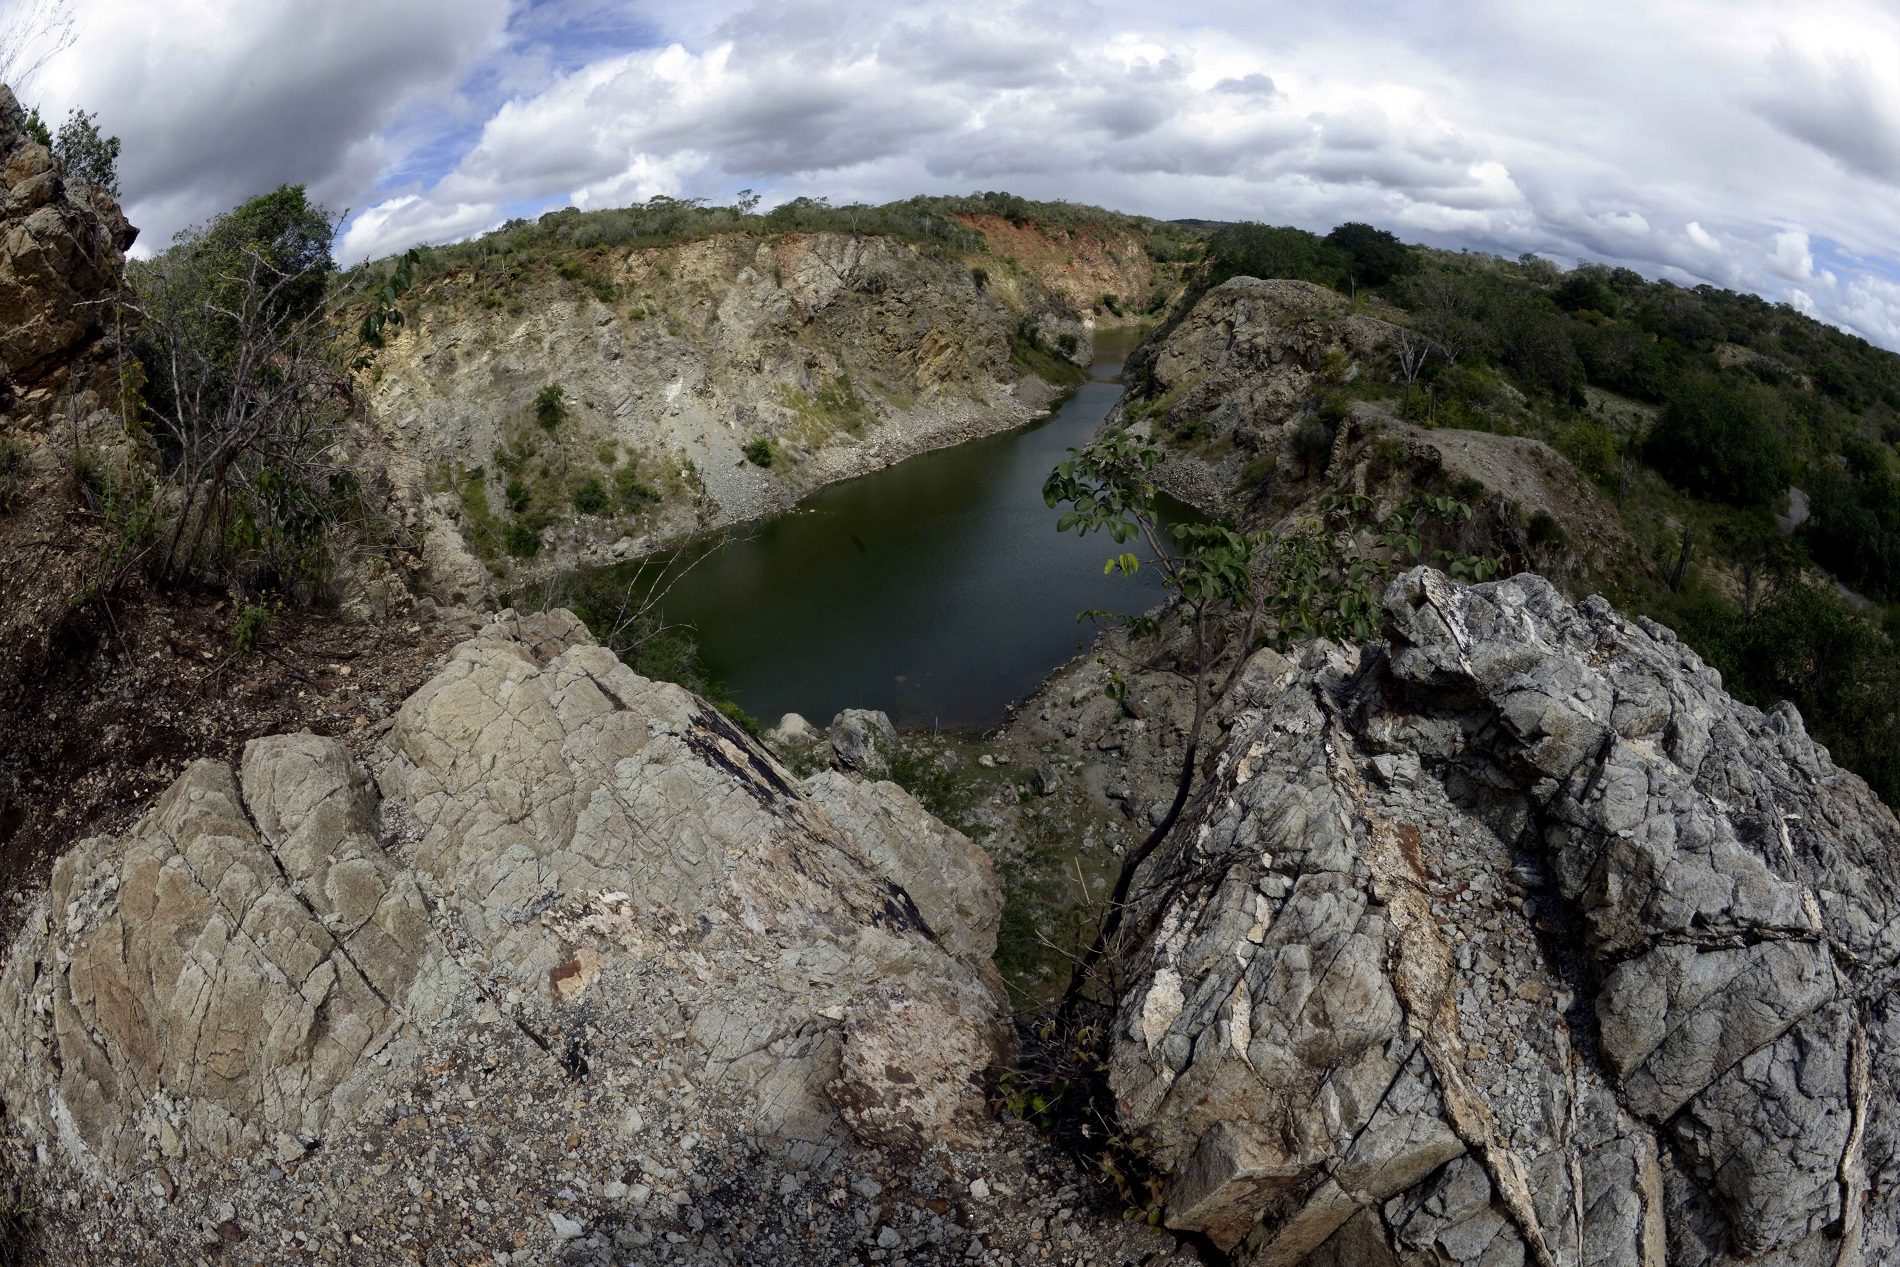 O canyon da mina de São Félix: não existe um estudo que aponte, por exemplo, se há contaminação da água ou de afluentes (Foto: Inácio Teixeira/Coperphoto)